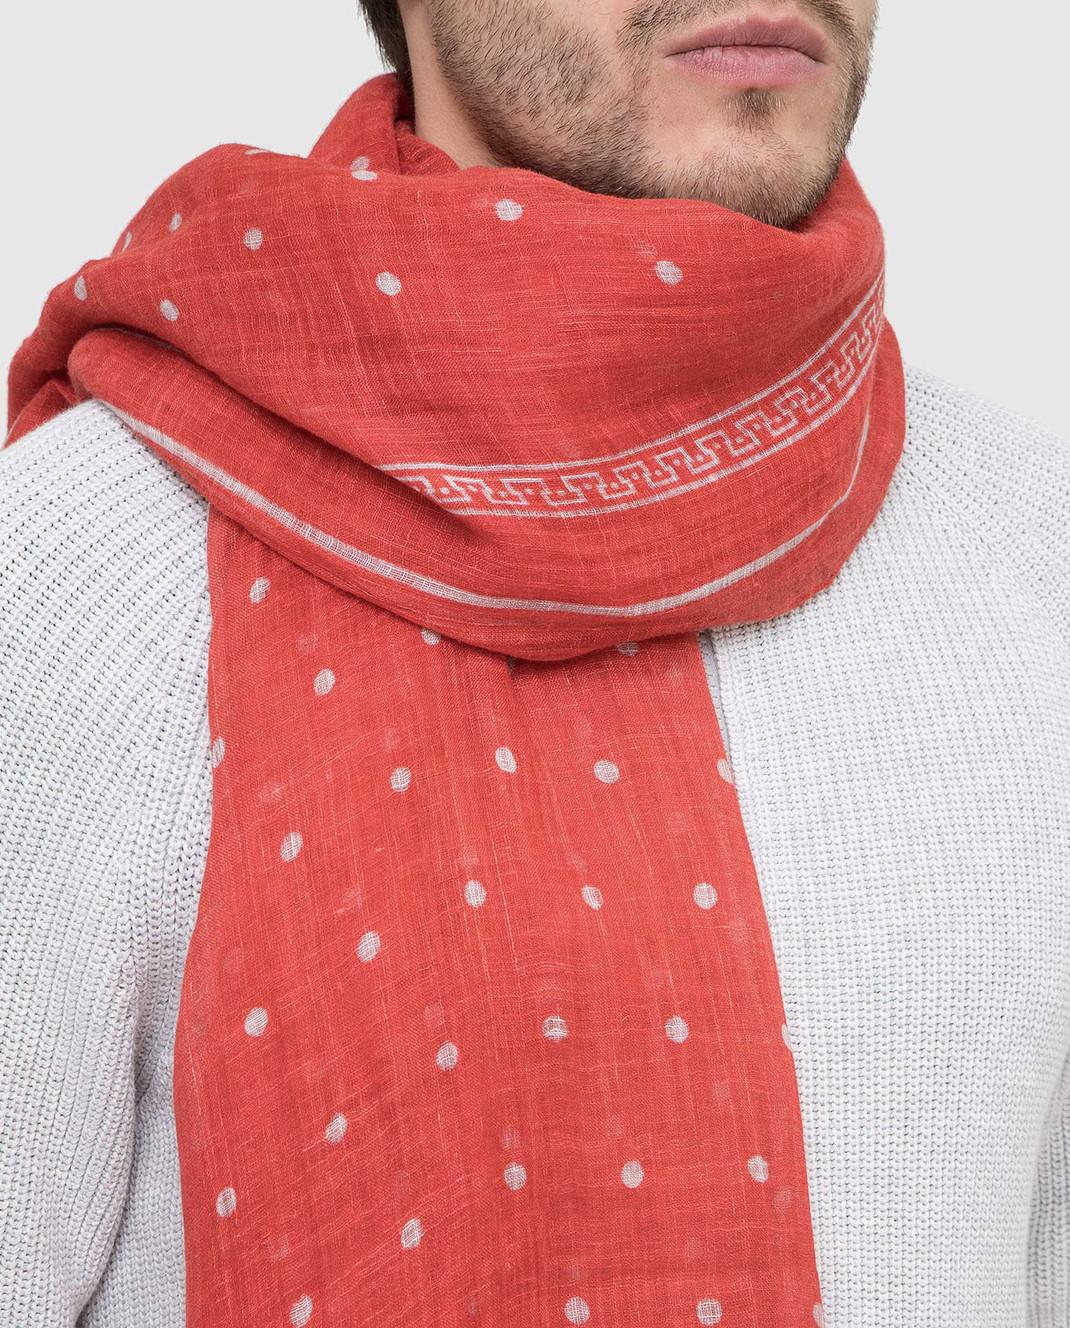 Brunello Cucinelli Коралловый шарф из льна MSC610AG изображение 2